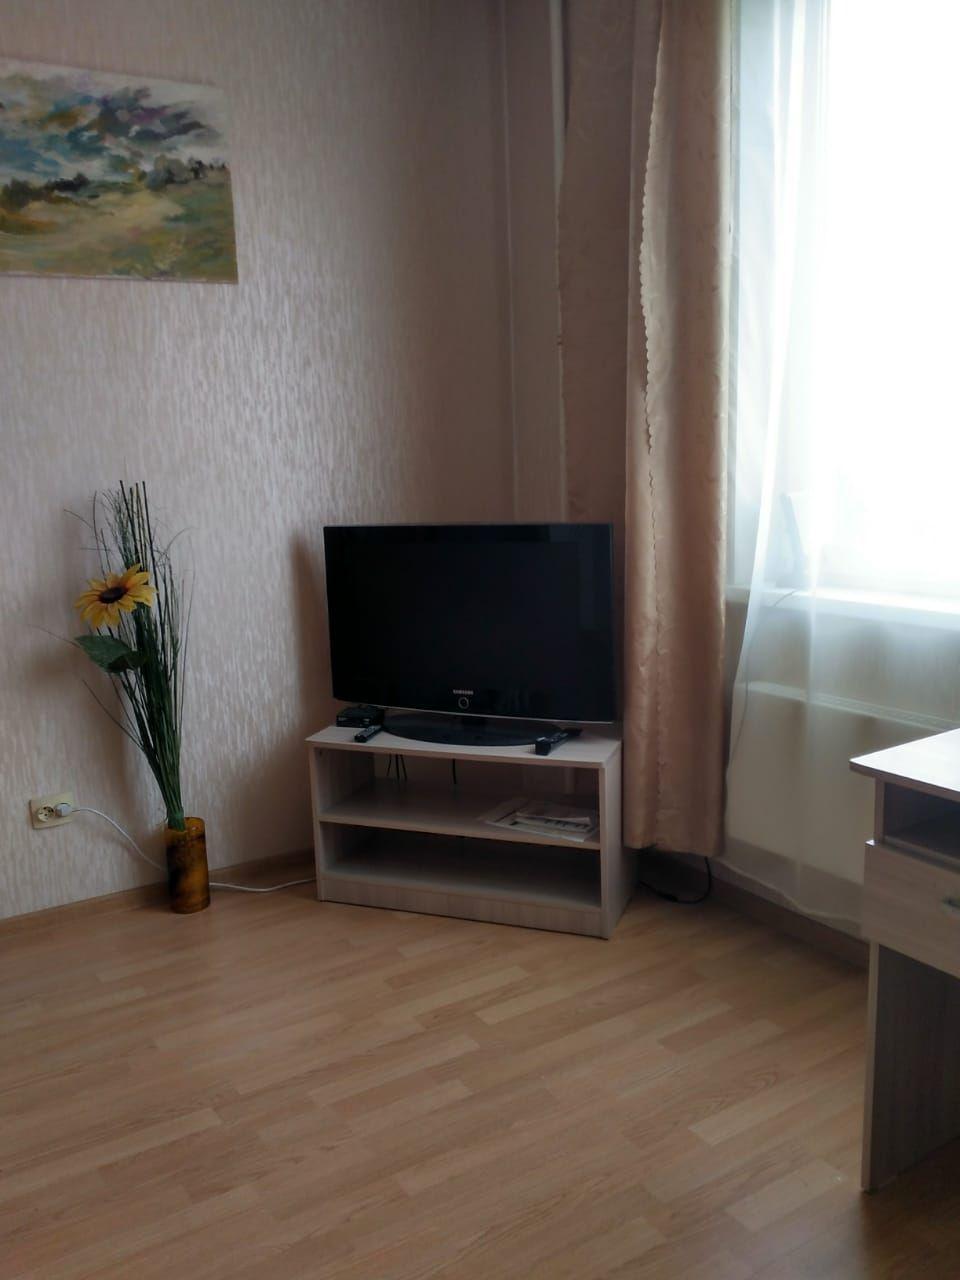 Сдам 1комнатную квартиру на Вознесенском шоссе